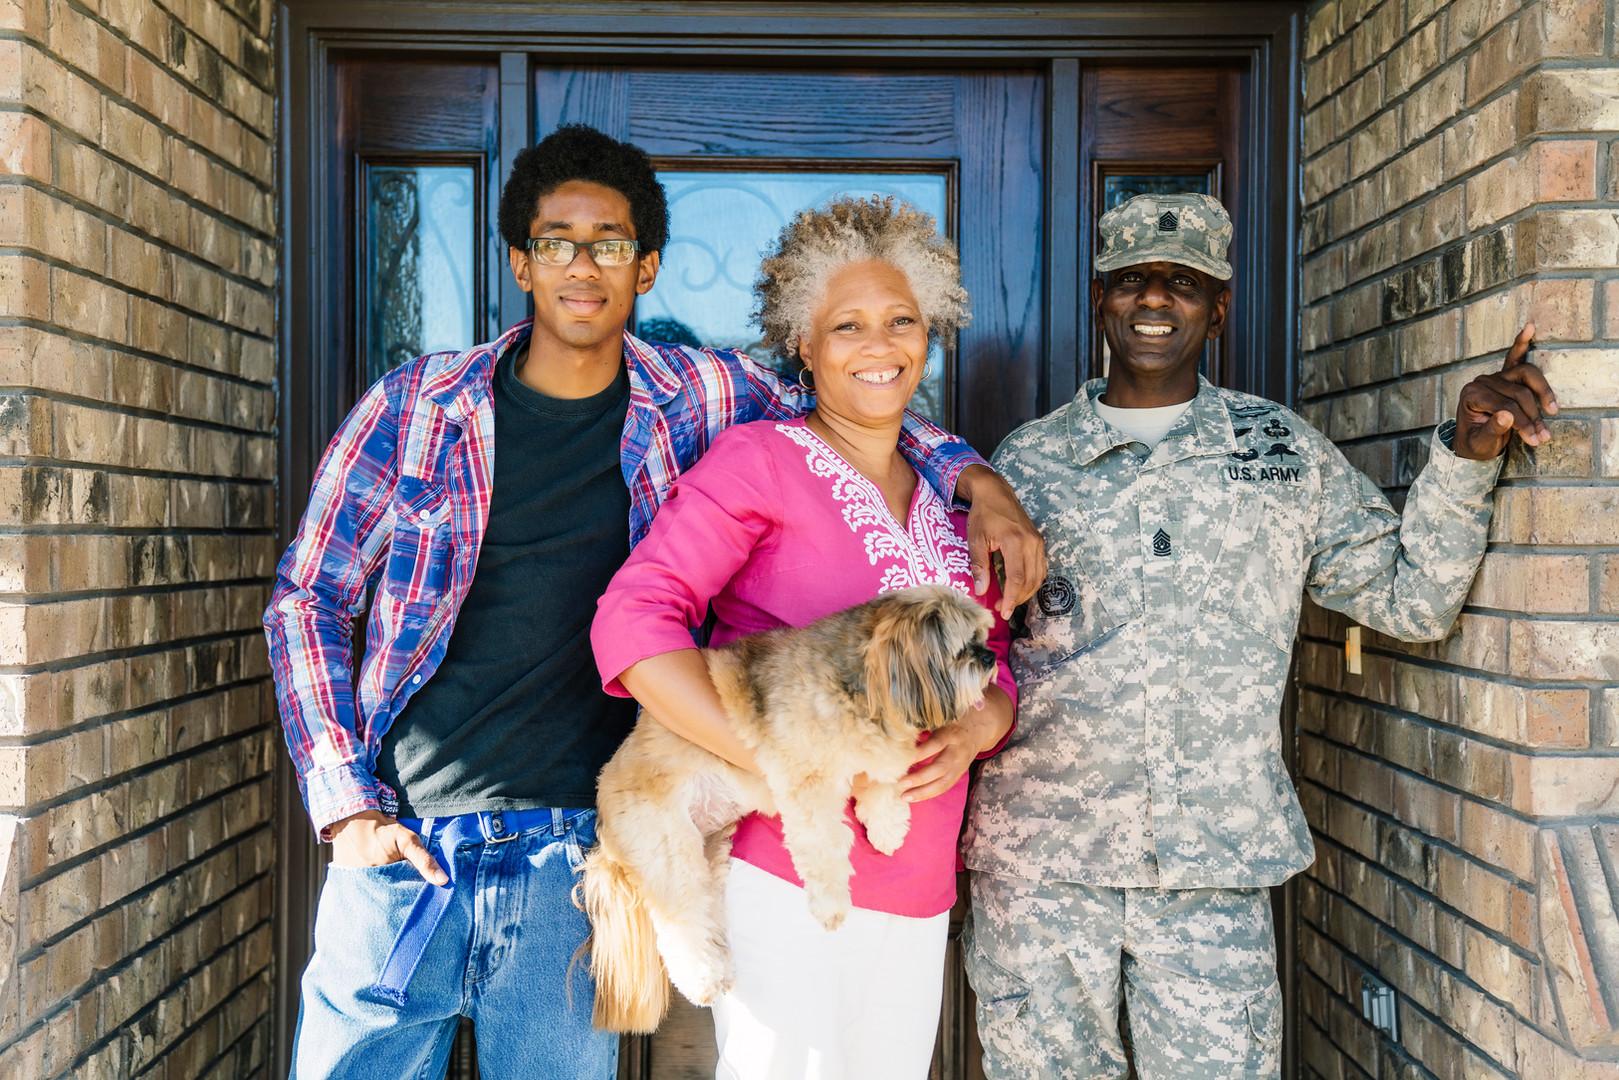 Veterans get 10% off